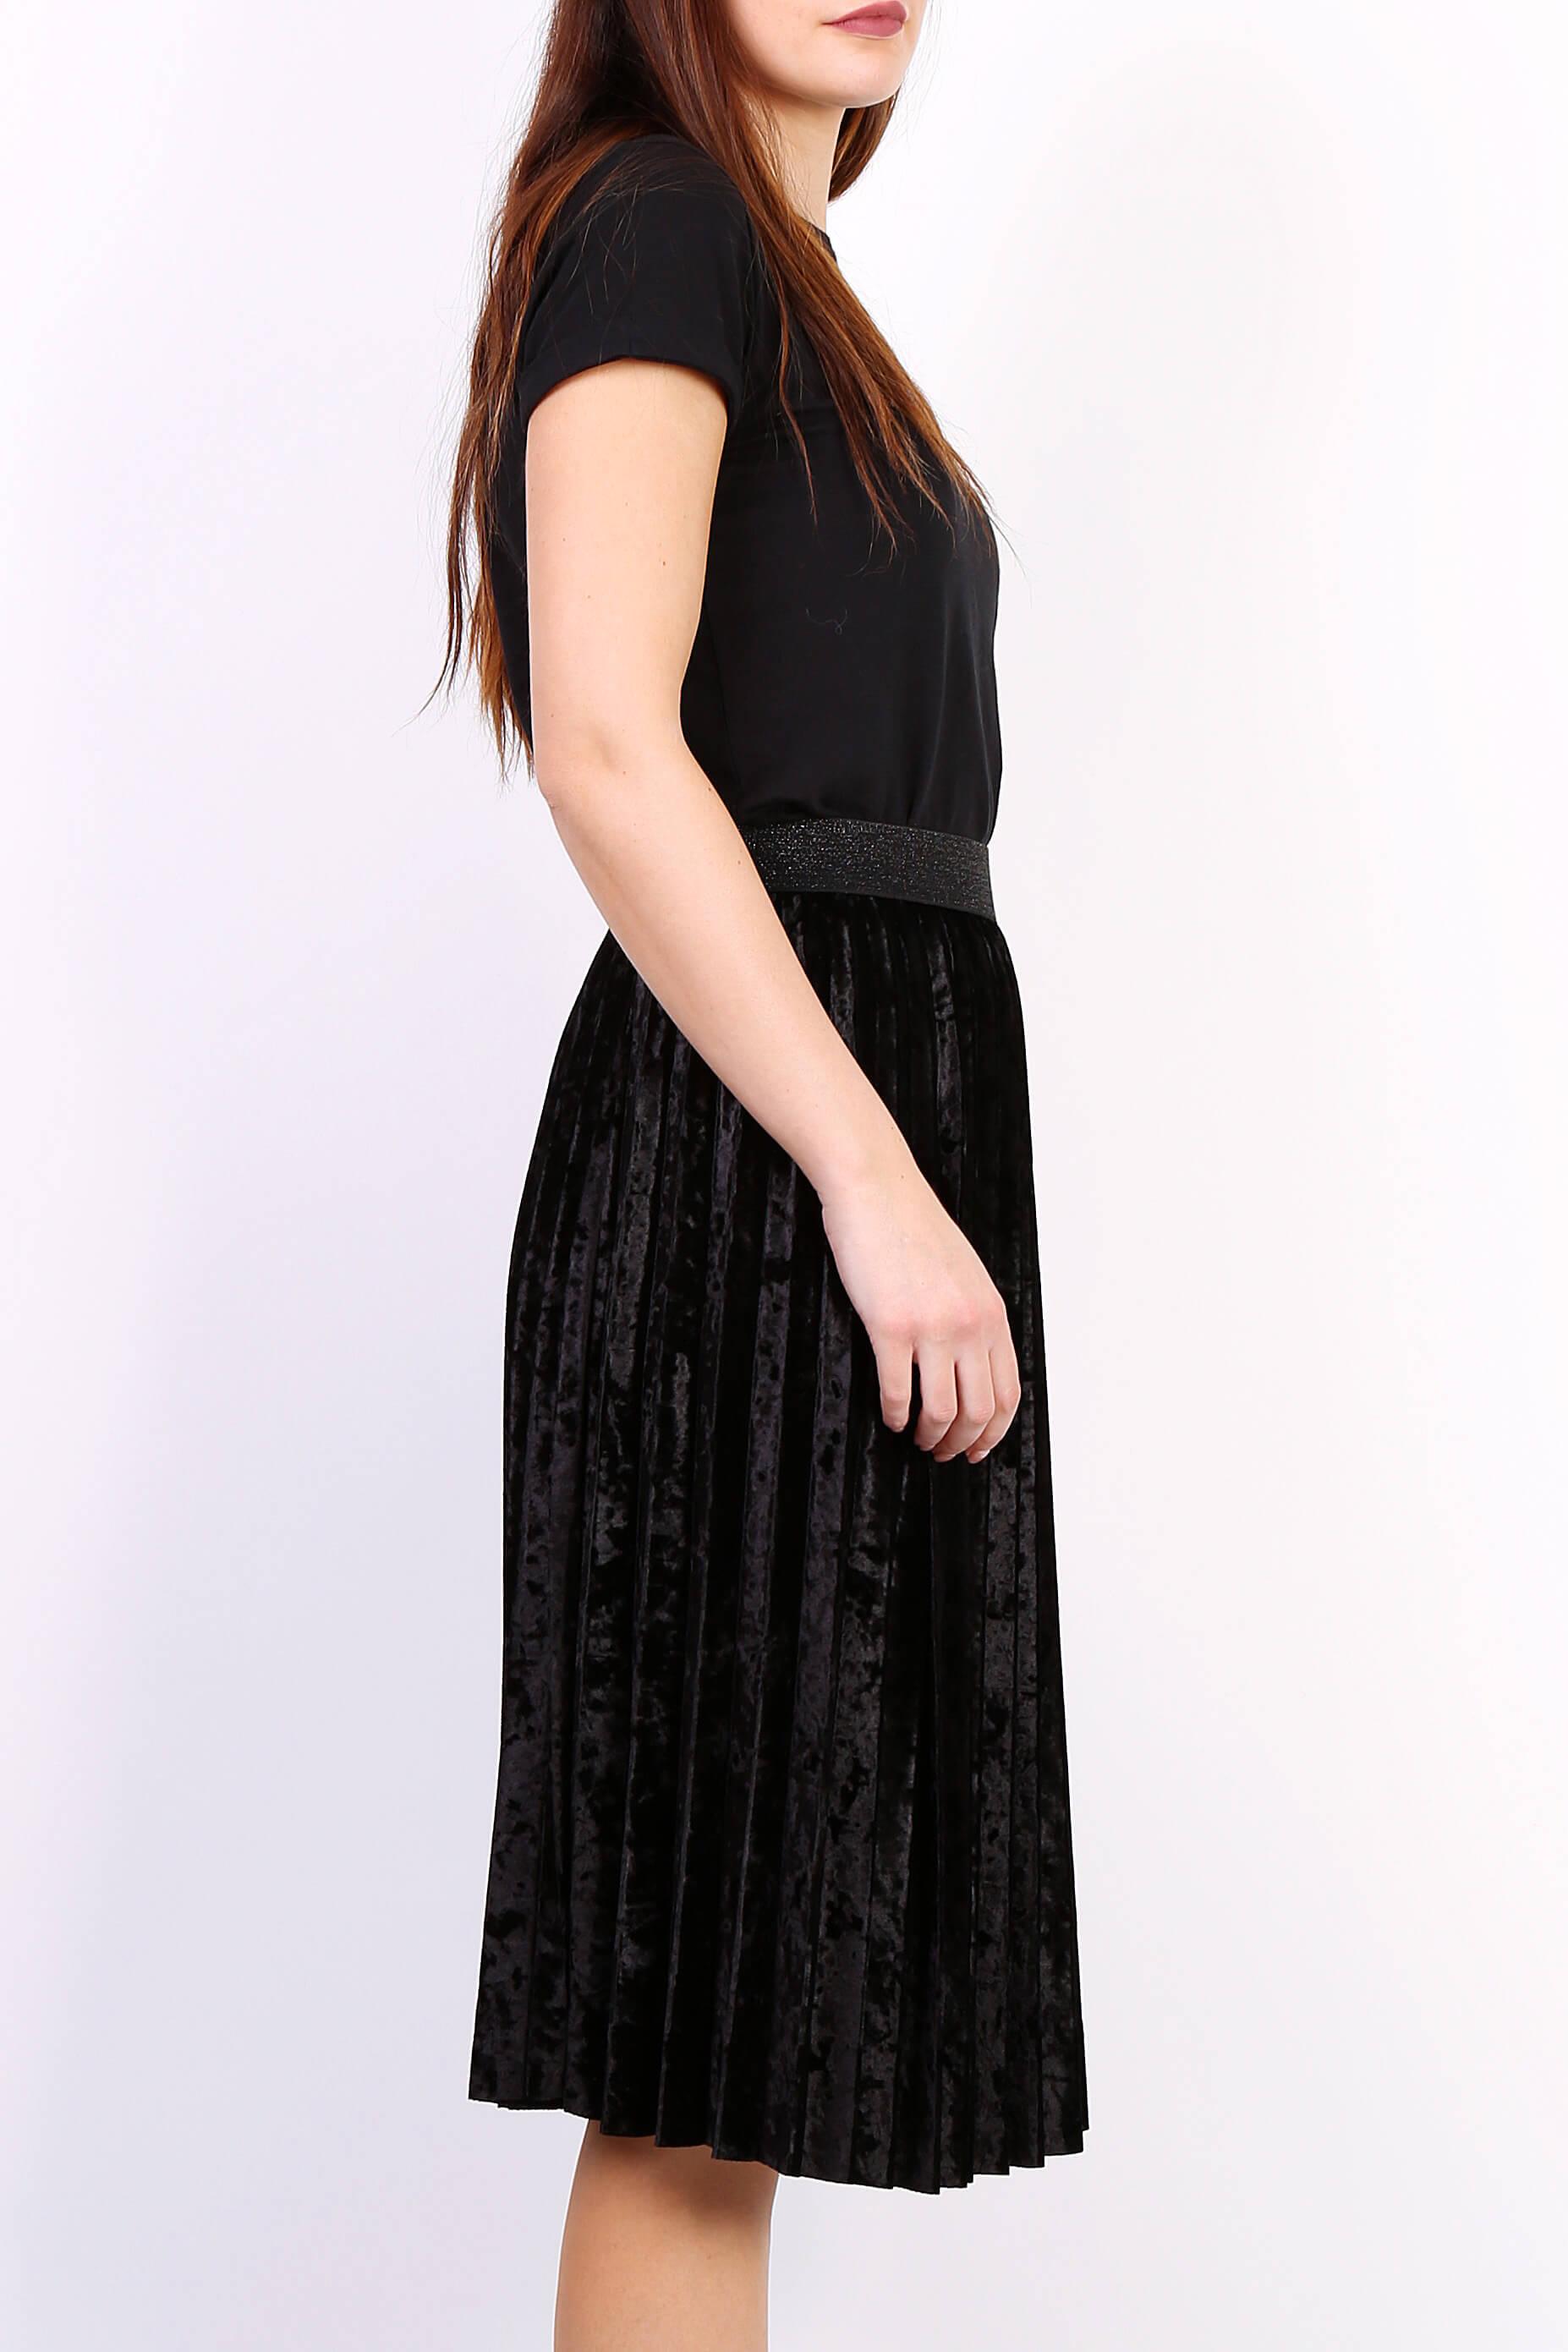 80758d25aad3 Čierna plisovaná stredne dlhá sukňa - ROUZIT.SK